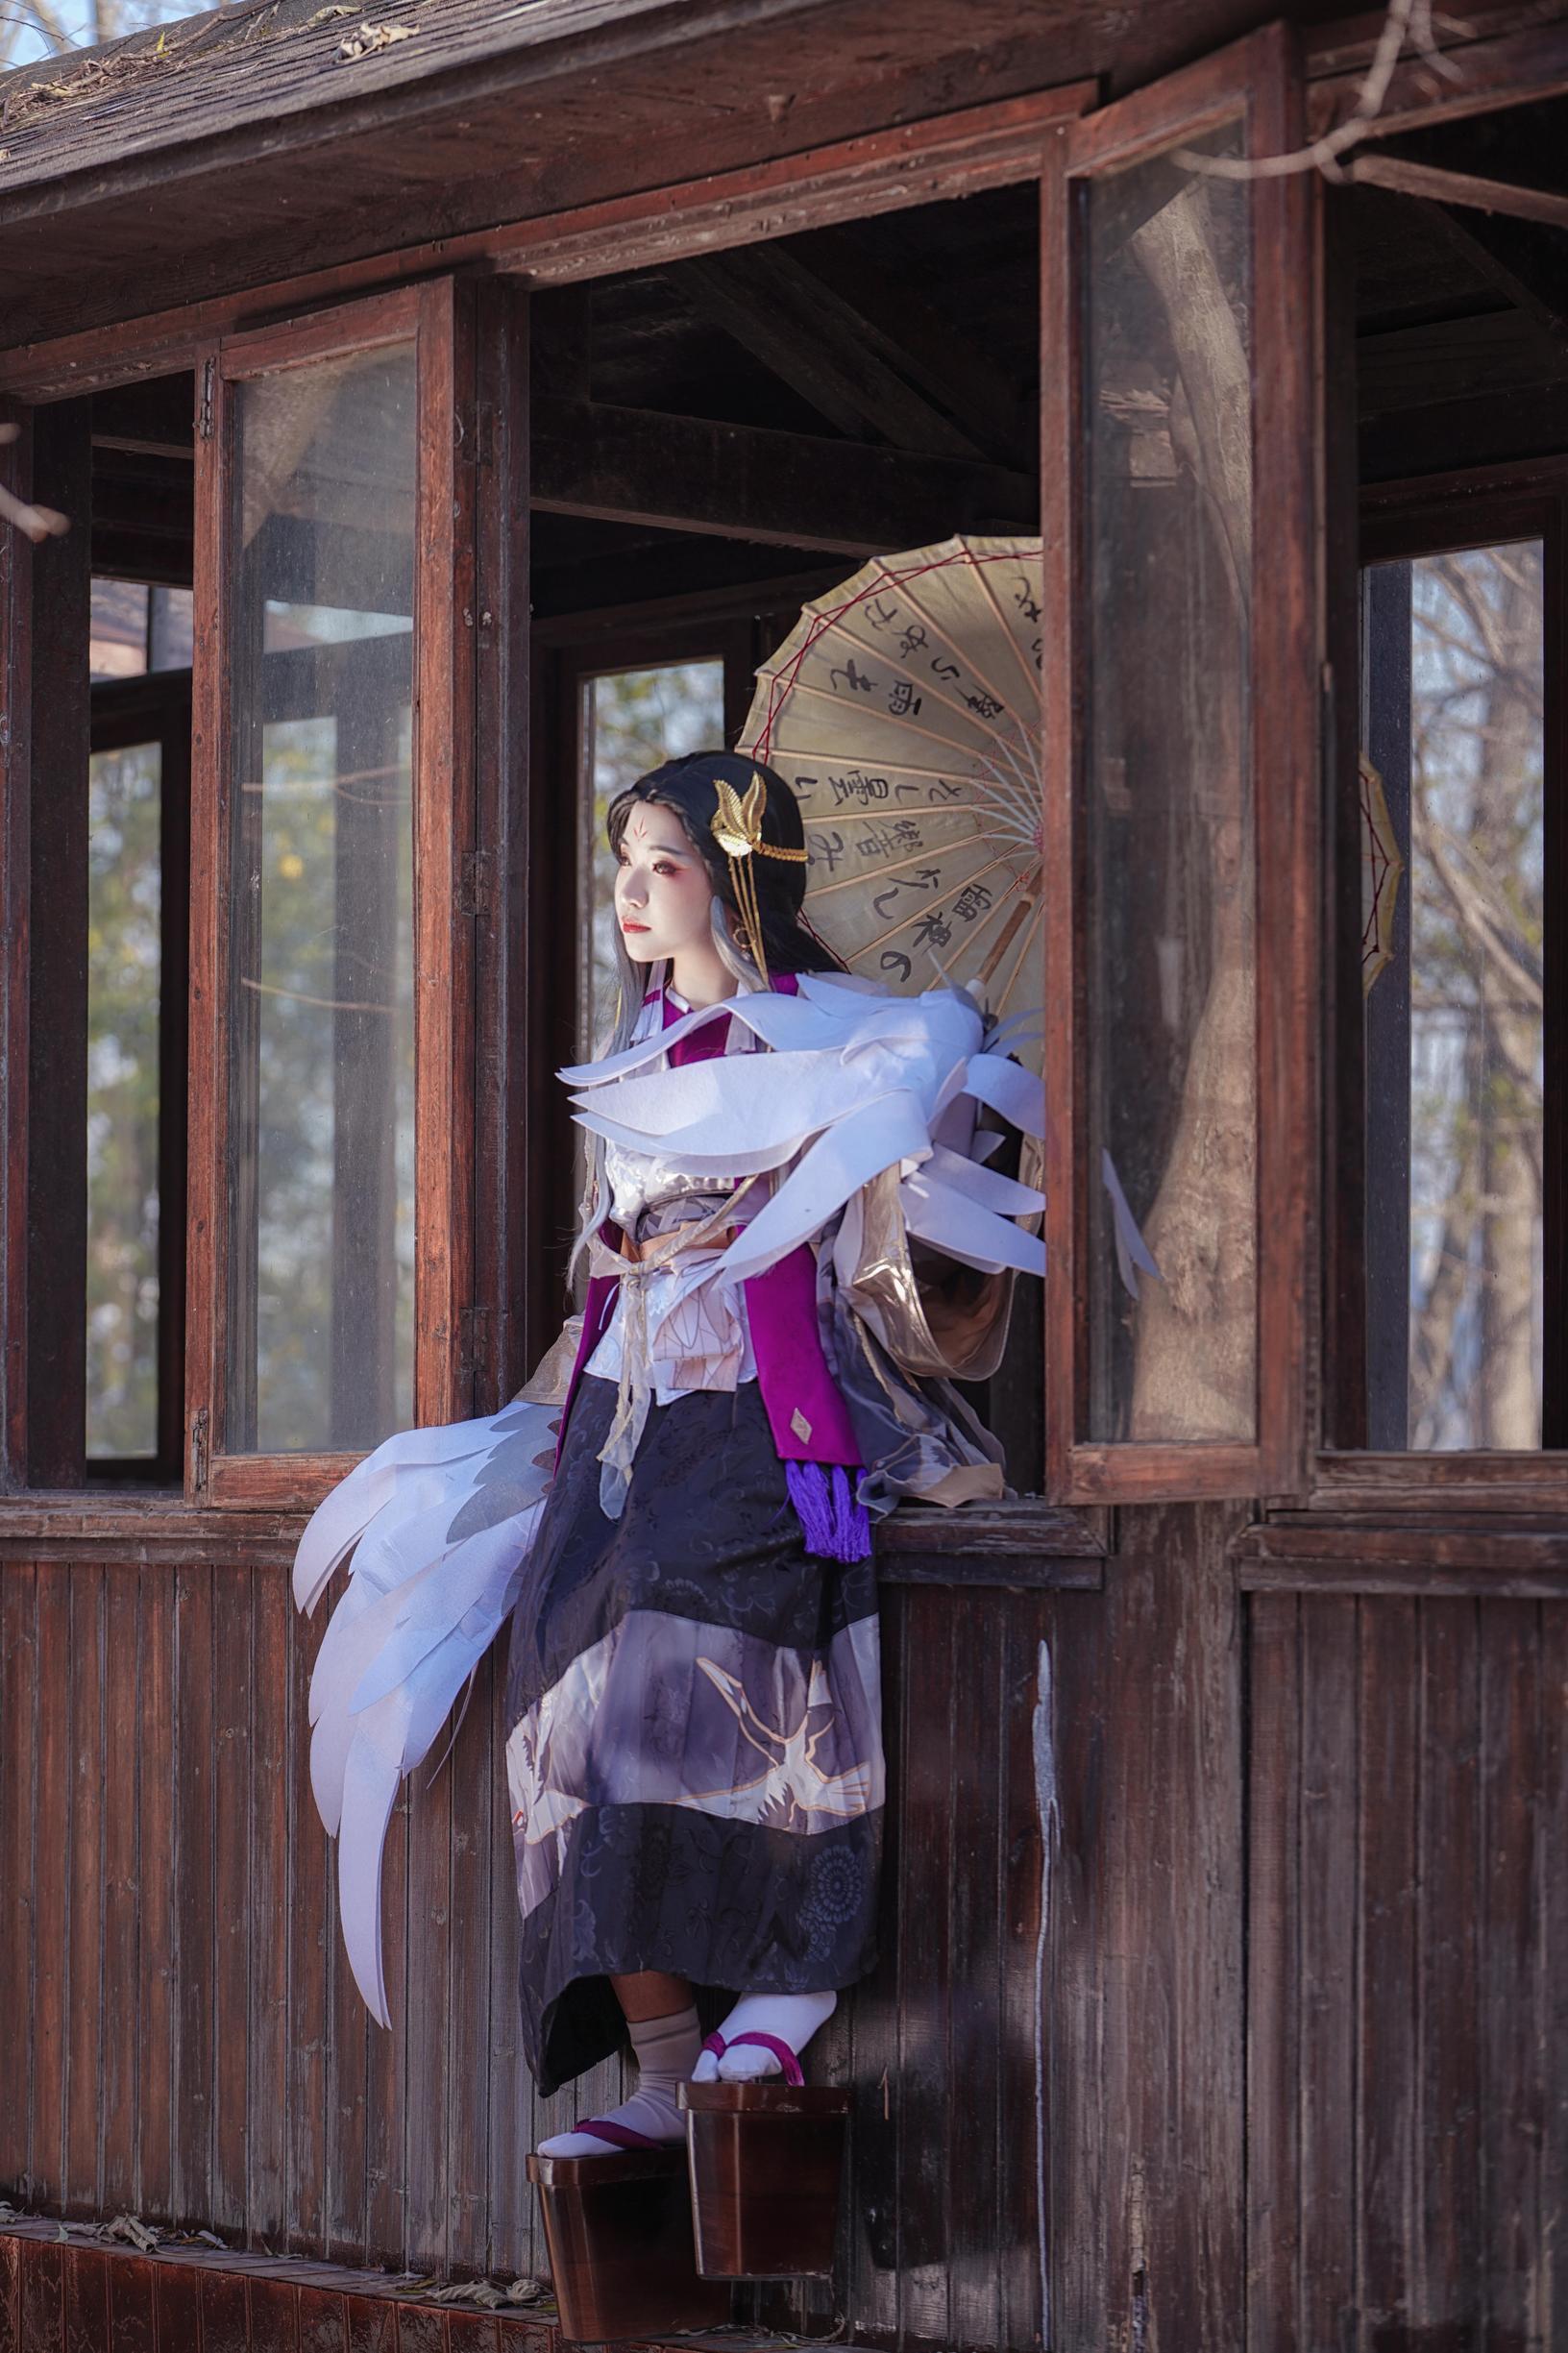 《阴阳师手游》姑获鸟cosplay【CN:允允允允蝶呐】 -cosplay美女人图片插图